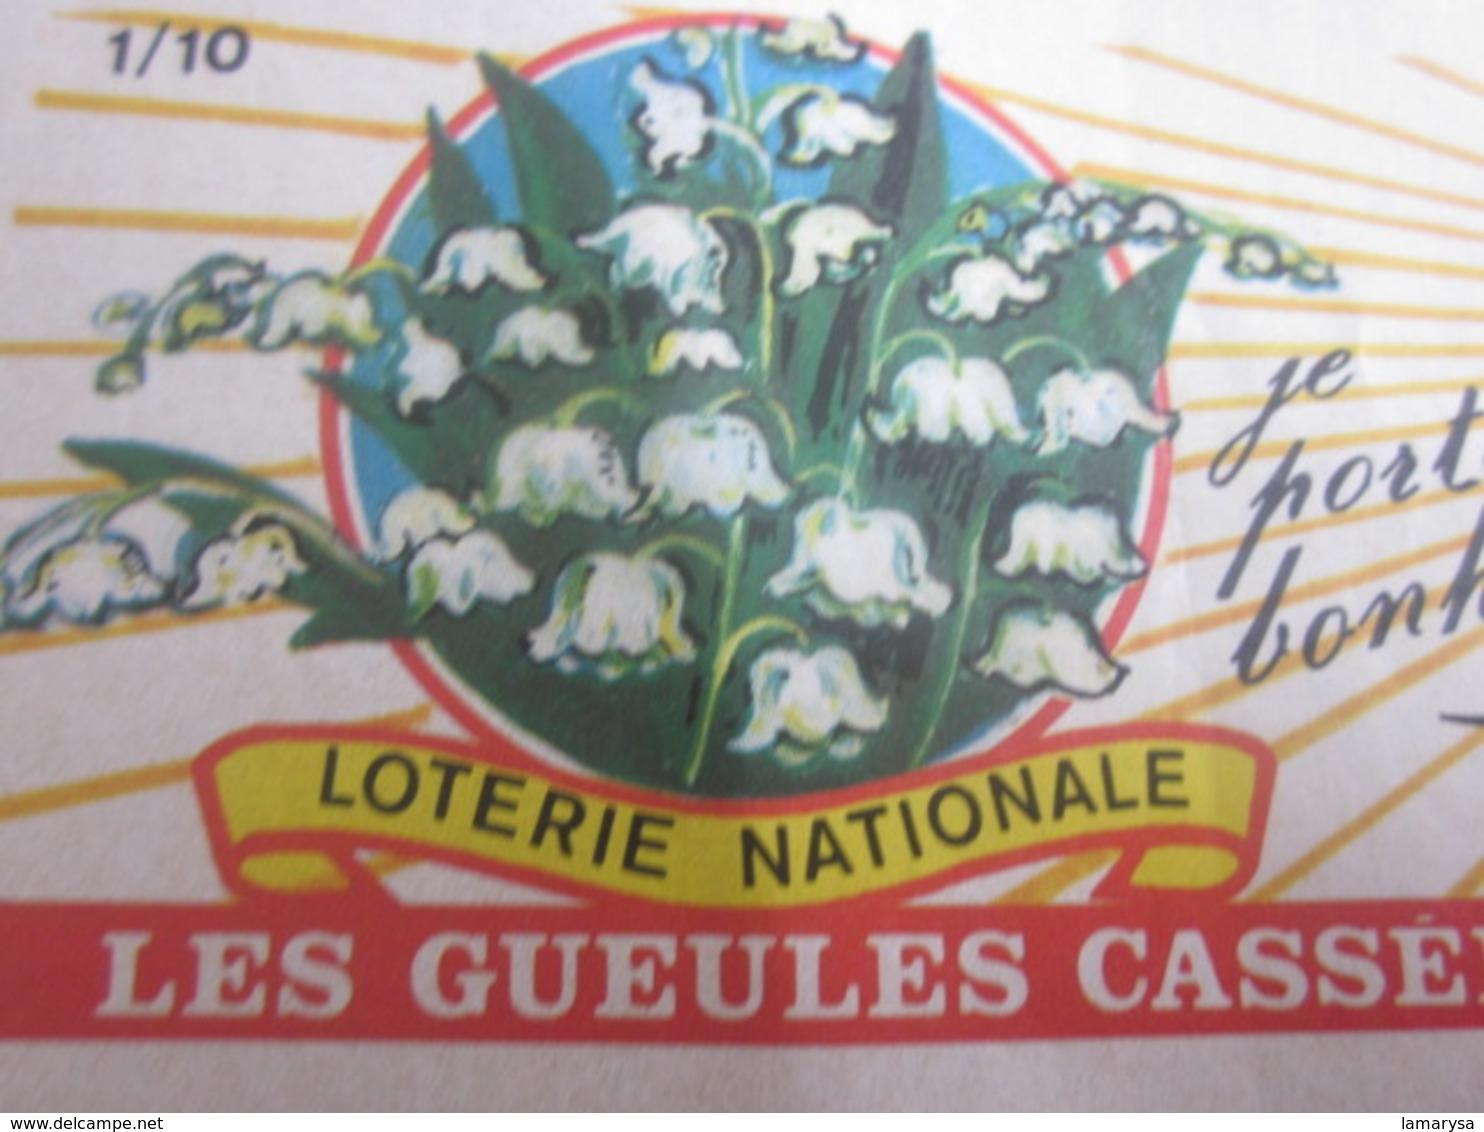 Billet Loterie Nationale Française Les Gueules Cassées Tranche Muguet 1975 Vignette Taille Douce Lottery-Scratch-Ticket - Billets De Loterie